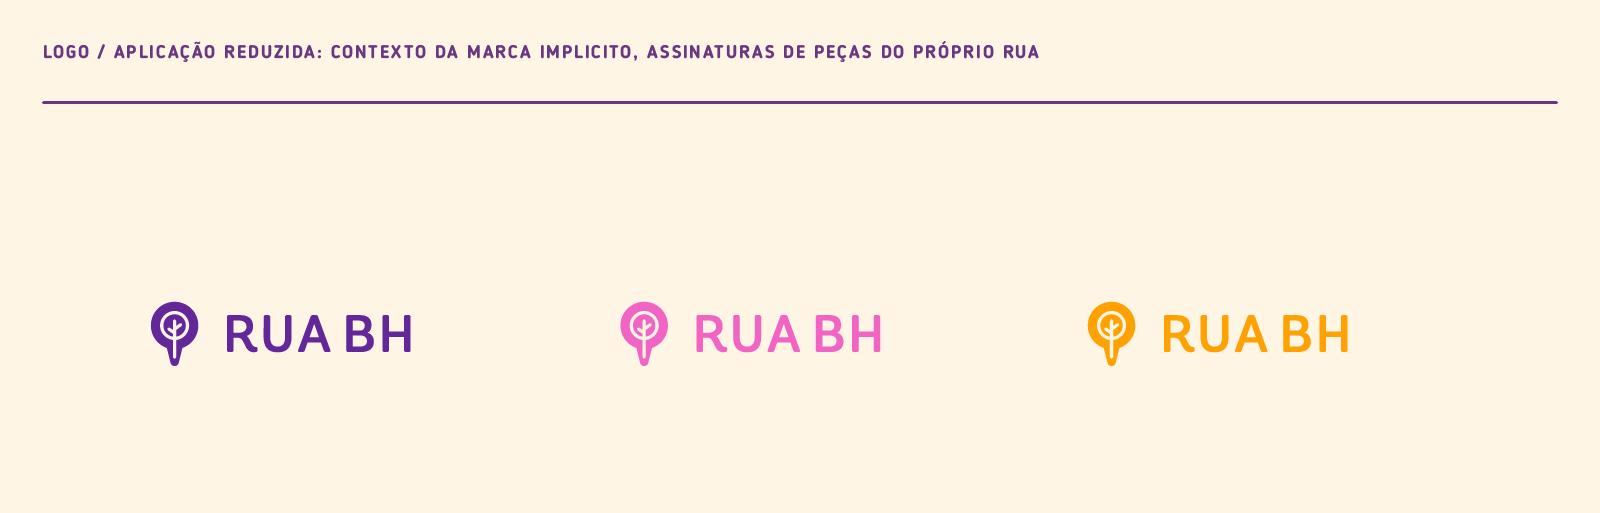 04_Rua_Behance_Logo reduzida